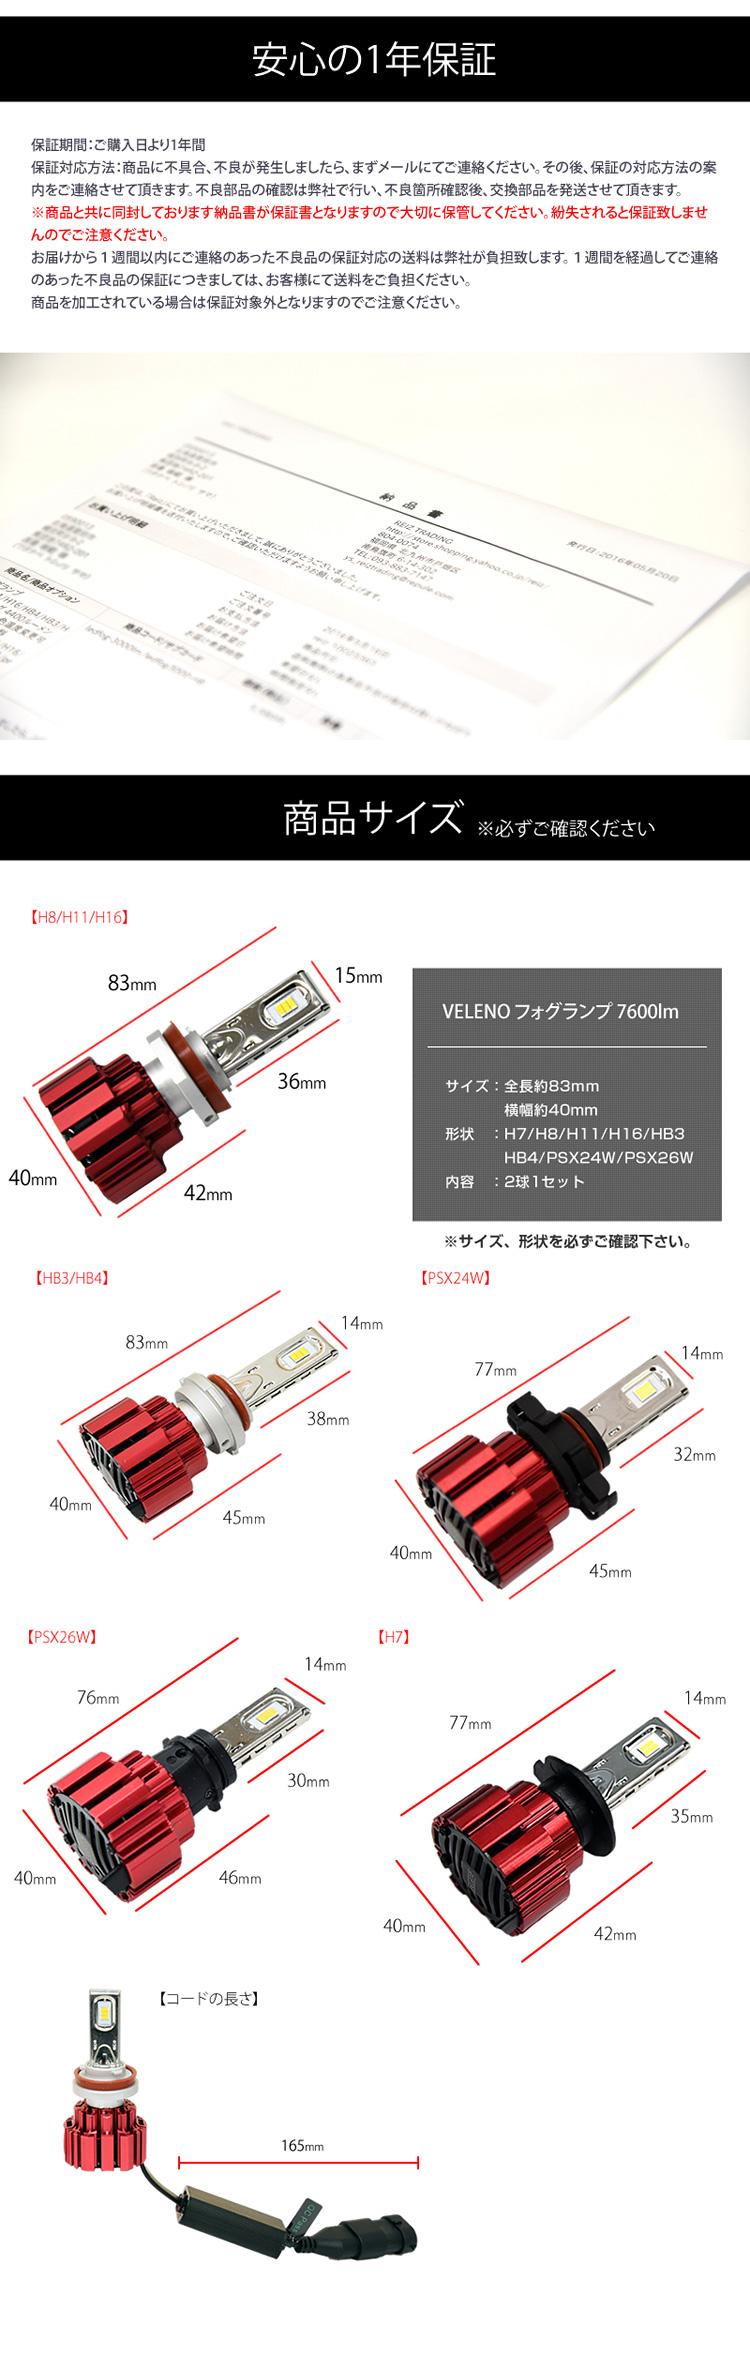 LEDフォグランプ,LED,フォグランプ,LEDフォグ,フォグ,純正配光,驚異の実測値,7600lm,VELENOβ,爆光,1年保証,送料無料